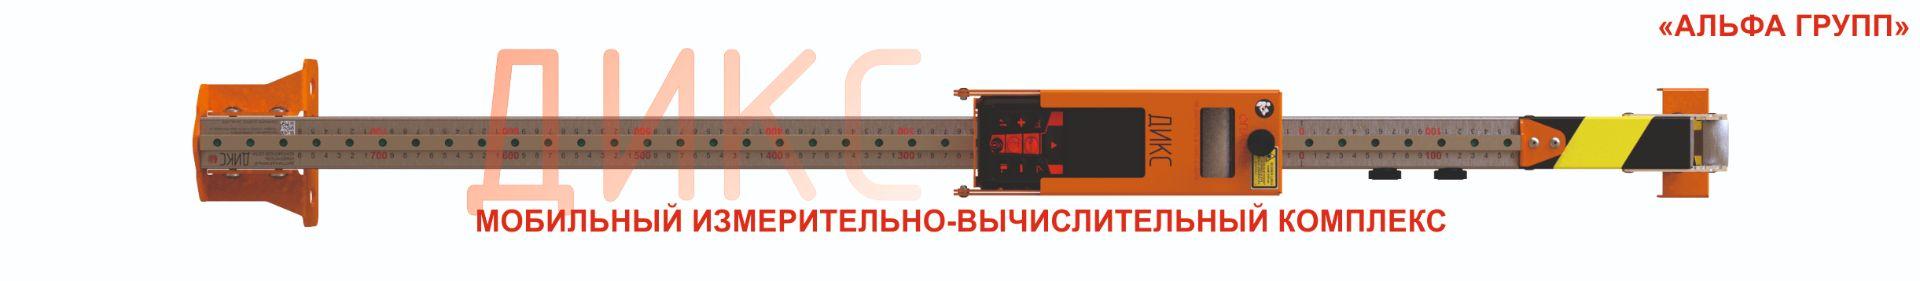 """Дистанционный лазерный измеритель контактного провода """"ДИКС"""" На электрифицированных железных дорогах, без снятия напряжения в максимальной дистанции от токоведущих частей, находящихся под напряжением. Для технического обслуживания контактной сети, измерения геометрических параметров проверке и регулировке контактной подвески, в том числе при аварийно-восстановительных работах на контактной сети, в сложных метеорологических условиях, в любое время суток. стоимость, цену уточняйте в отделе продаж."""